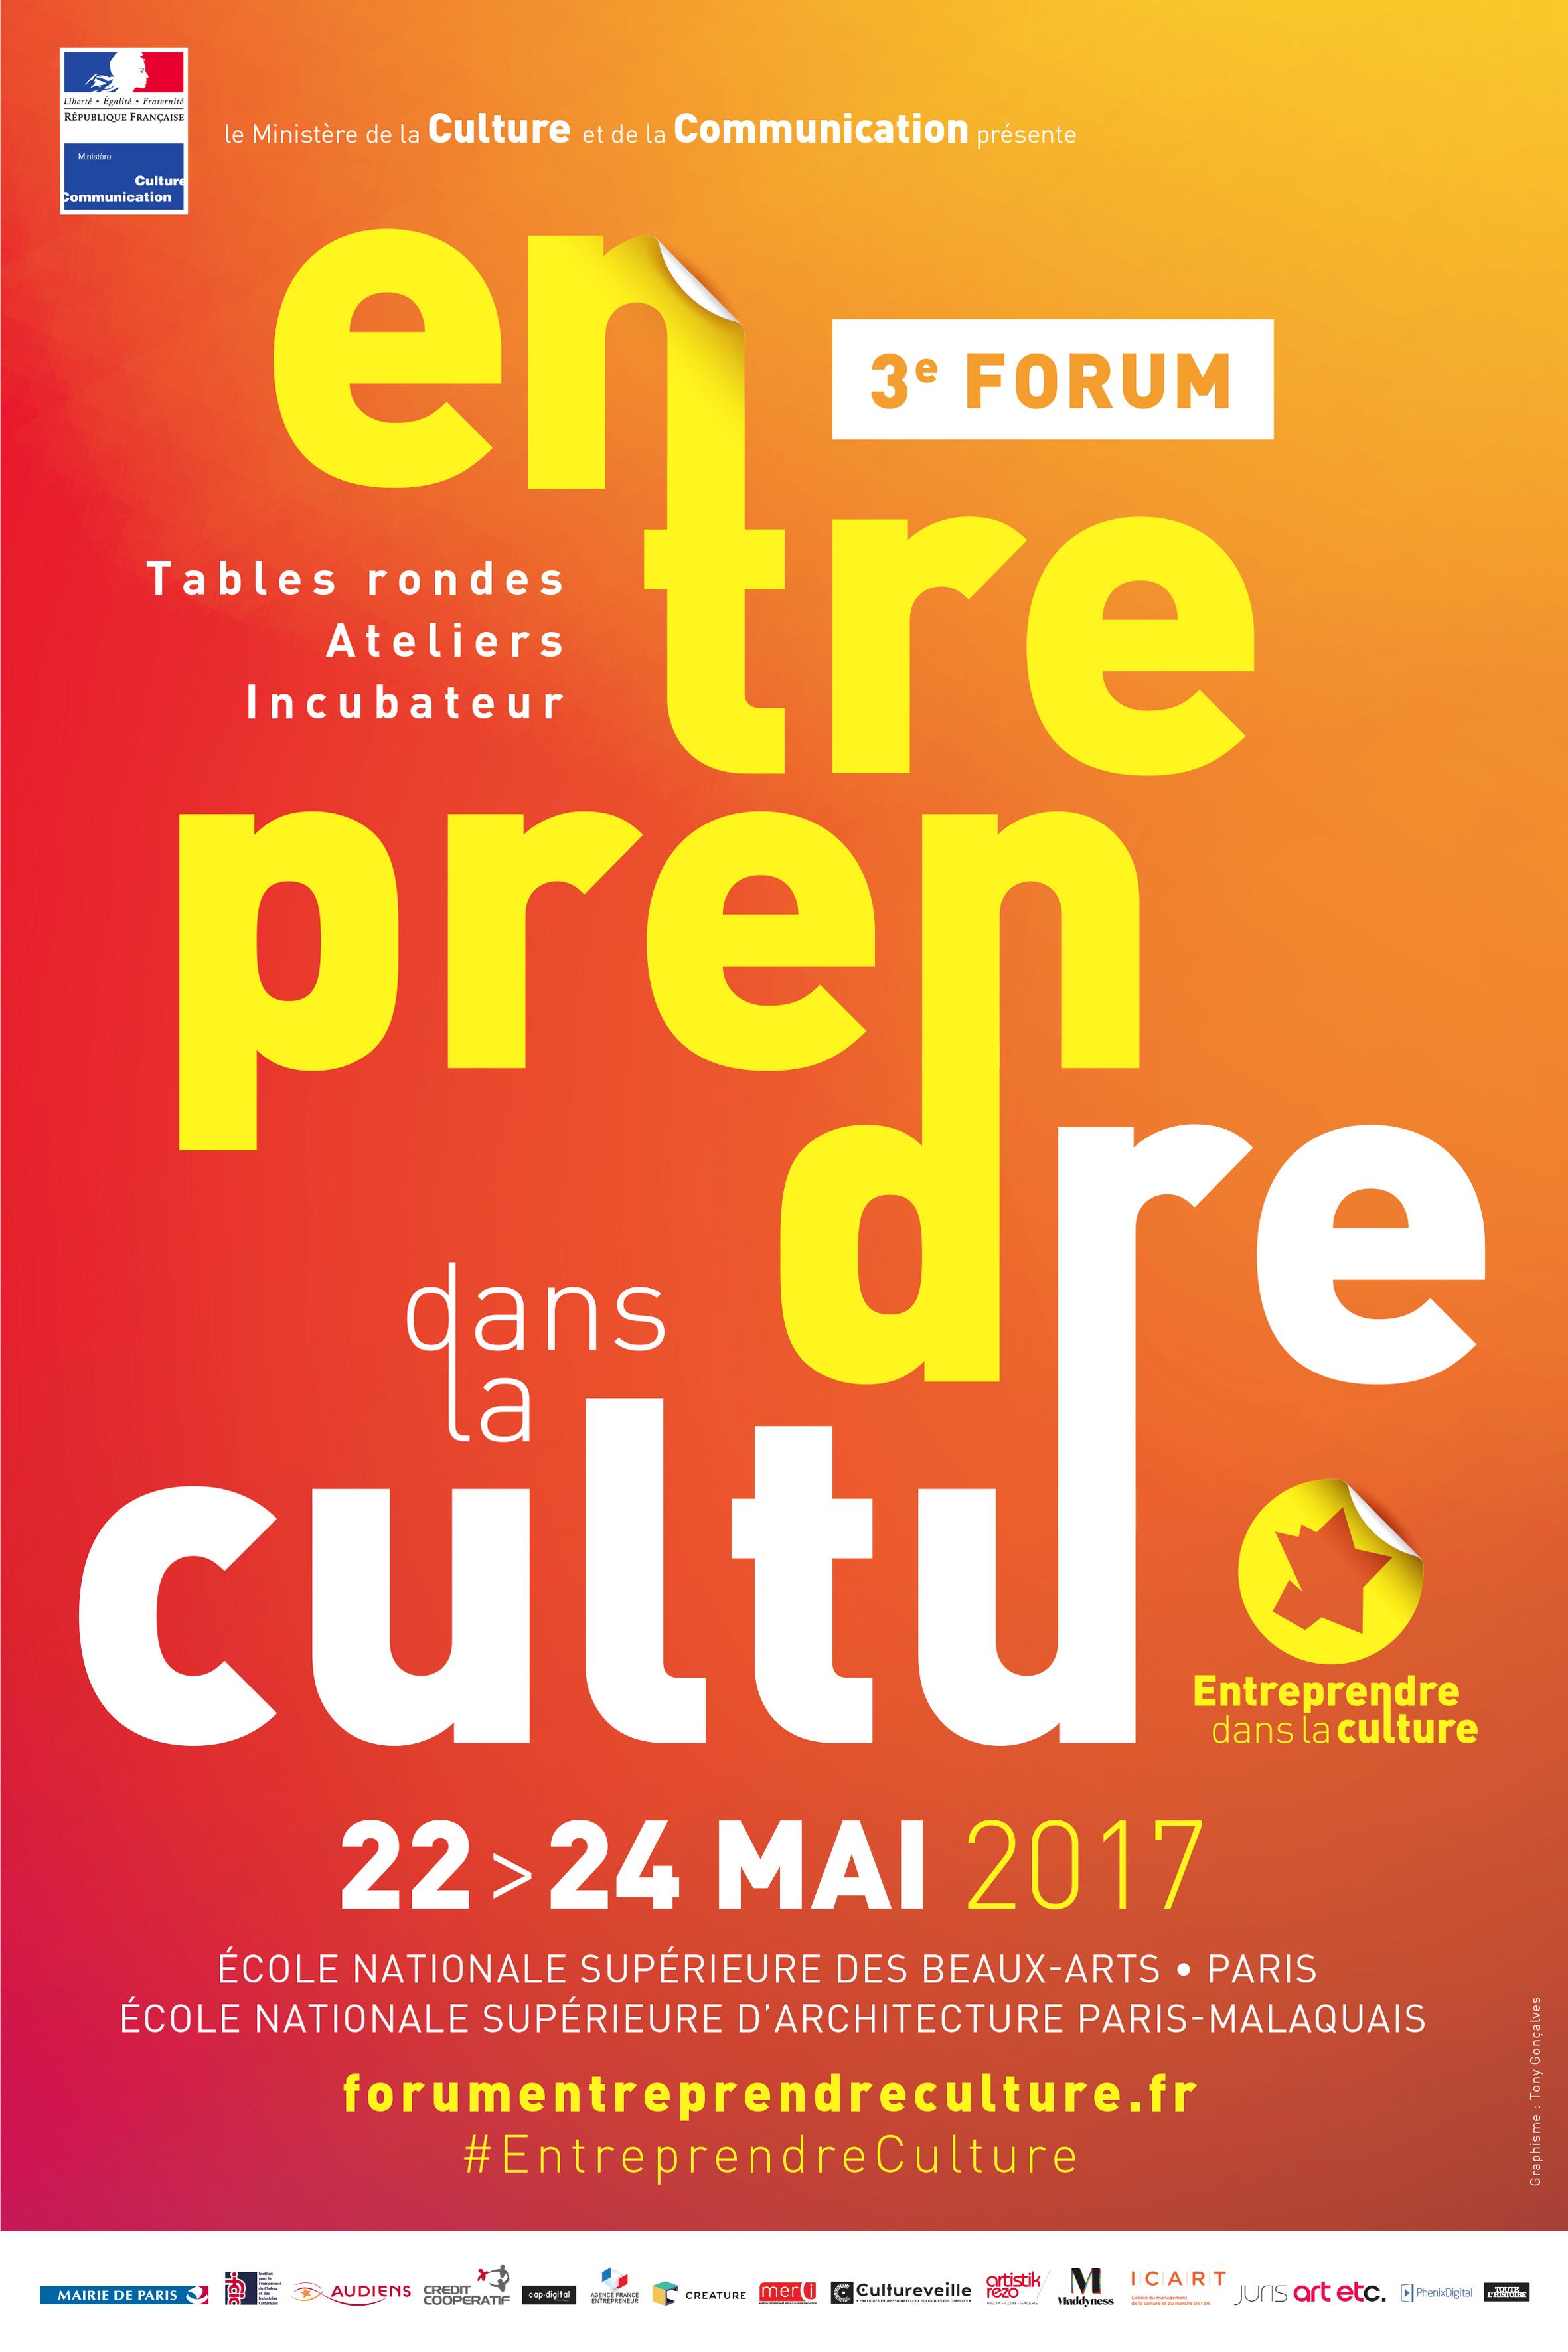 Forum Entreprendre dans la Culture 2017